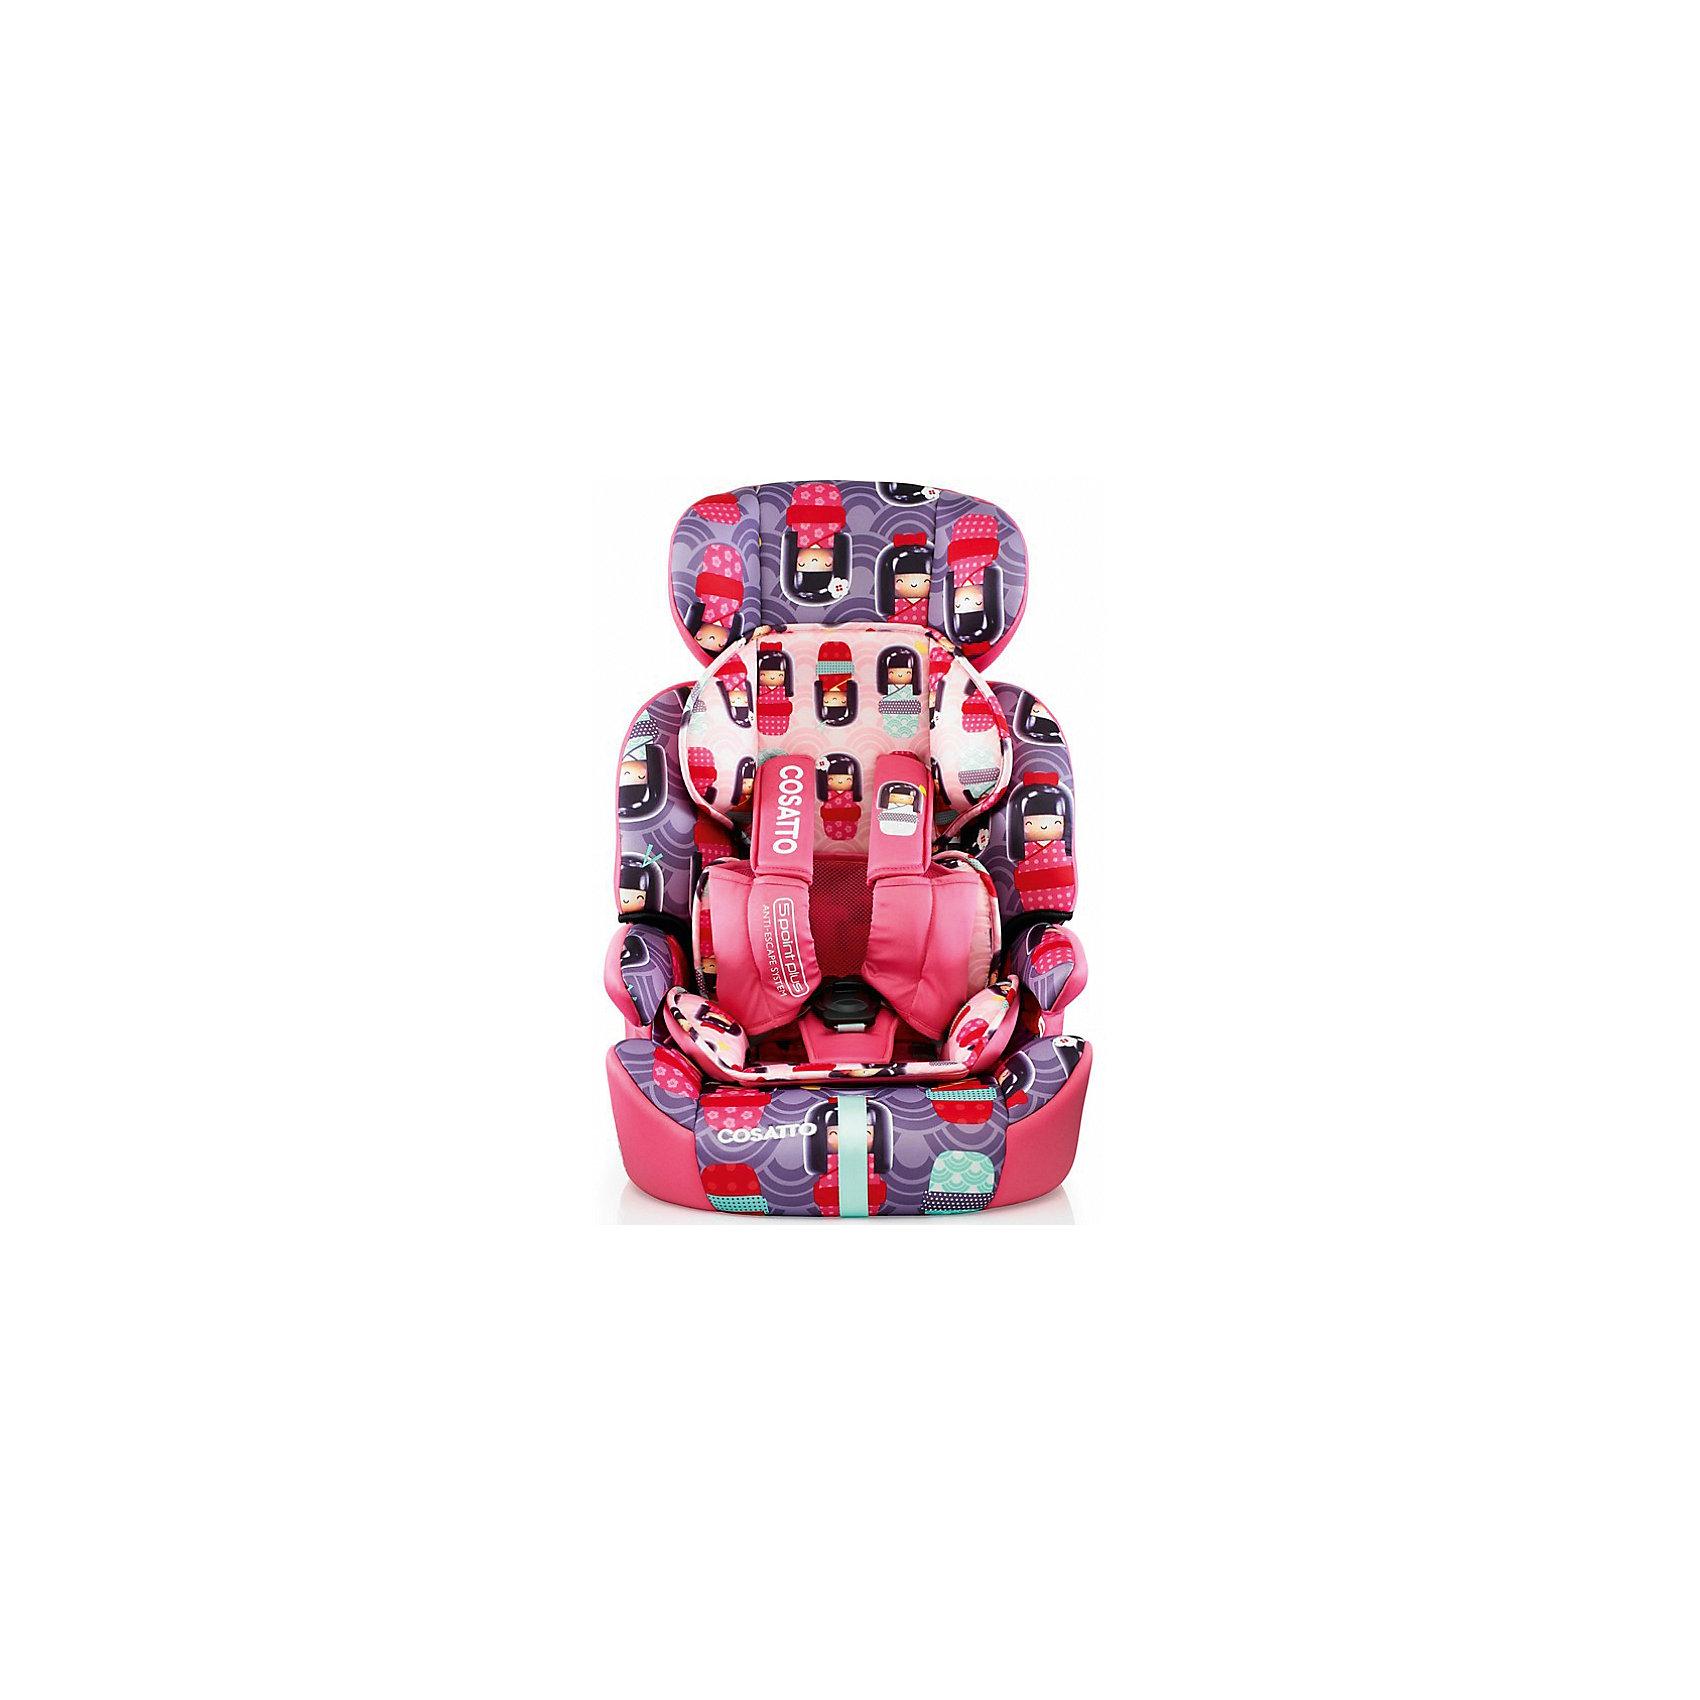 Автокресло ZOOMI 9-36 кг., COSATTO, Kokeshi SmileХарактеристики автокресла Zoomi Cosatto:<br><br>• группа 1-2-3;<br>• вес ребенка: 9-36 кг;<br>• возраст ребенка: от 9 месяцев до 12 лет;<br>• способ крепления: с помощью штатных ремней безопасности;<br>• способ установки: лицом по ходу движения автомобиля;<br>• возможность получить бустер с подлокотниками: спинка съемная;<br>• жесткий каркас сиденья обтянут мягкими чехлами;<br>• 5-ти точечные ремни безопасности с мягкими накладками;<br>• регулируемая высота подголовника: 3 положения;<br>• имеется анатомический двусторонний матрасик для маленького ребенка;<br>• съемные чехлы можно стирать при температуре 30 градусов;<br>• материал: пластик, полиэстер.<br><br>Размер автокресла: 70х46х44 см<br>Вес автокресла: 5,3 кг<br>Размер упаковки: 72х45х31 см<br>Вес в упаковке: 7,5 кг<br><br>Автокресло ZOOMI 9-36 кг., COSATTO, Kokeshi Smile можно купить в нашем интернет-магазине.<br><br>Ширина мм: 710<br>Глубина мм: 450<br>Высота мм: 300<br>Вес г: 7000<br>Возраст от месяцев: 9<br>Возраст до месяцев: 144<br>Пол: Женский<br>Возраст: Детский<br>SKU: 5296434